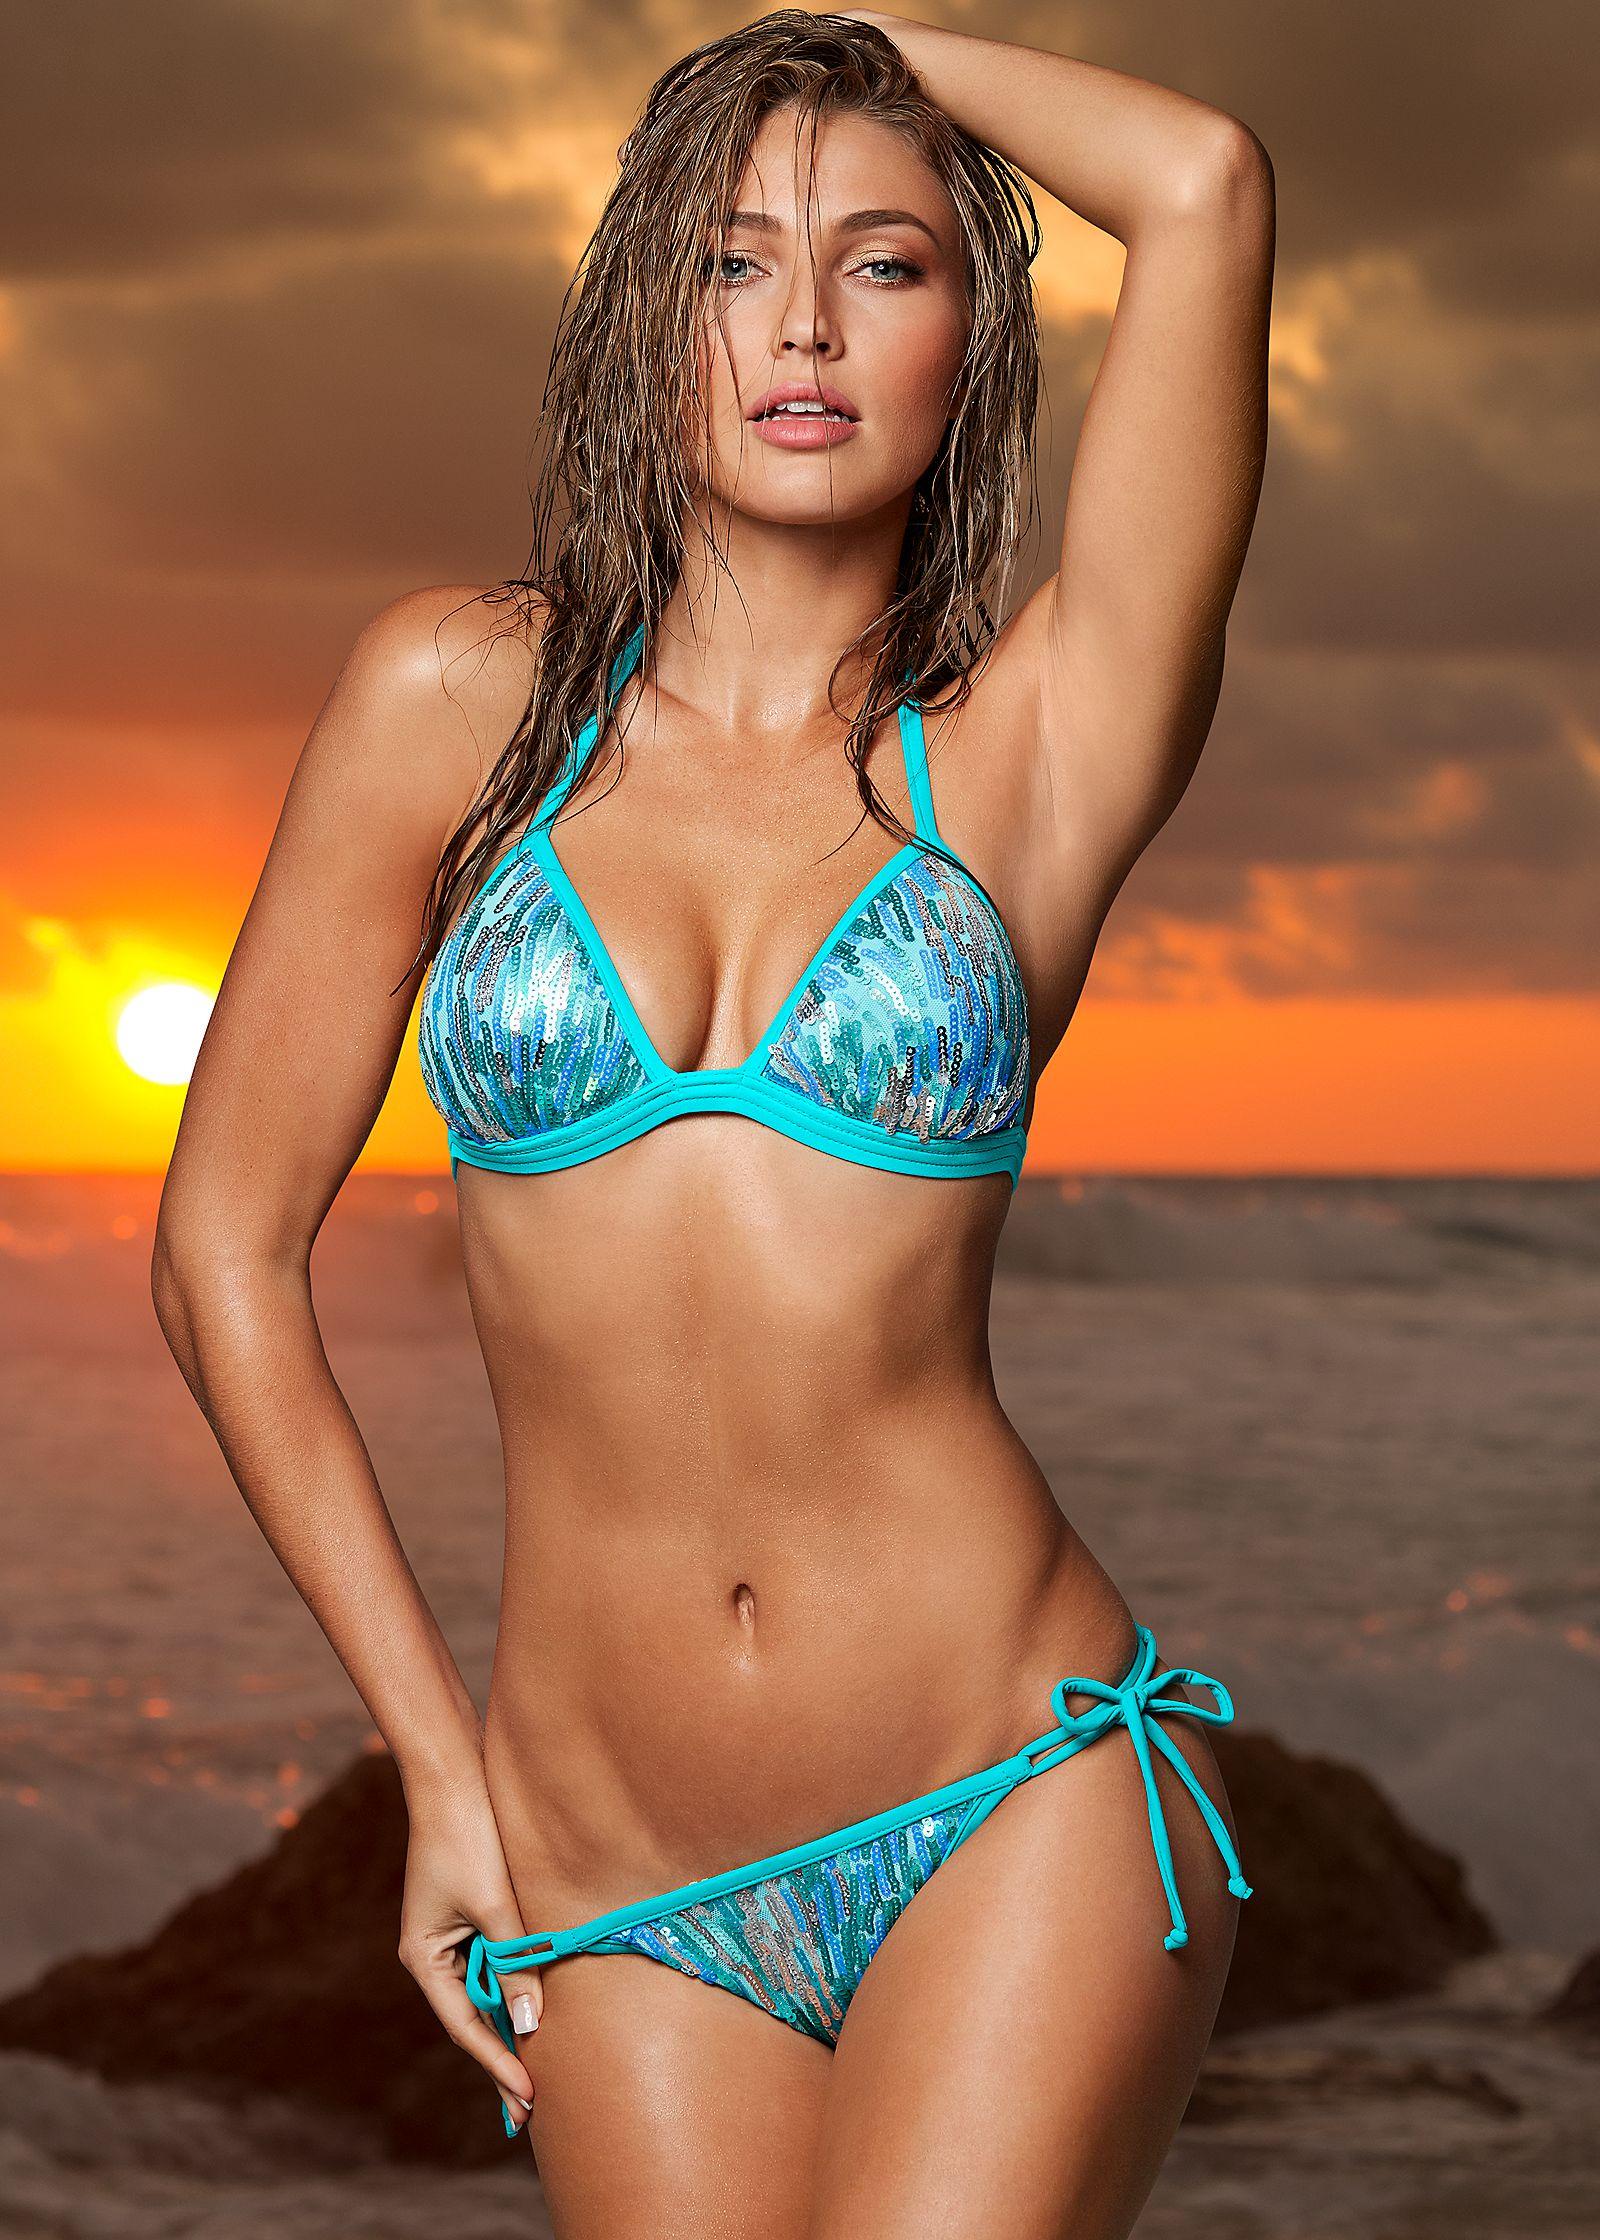 Bikini String String Sequin String Bottom Bottom Bottom Bikini String Sequin Sequin Sequin Bikini OXukTZPwil